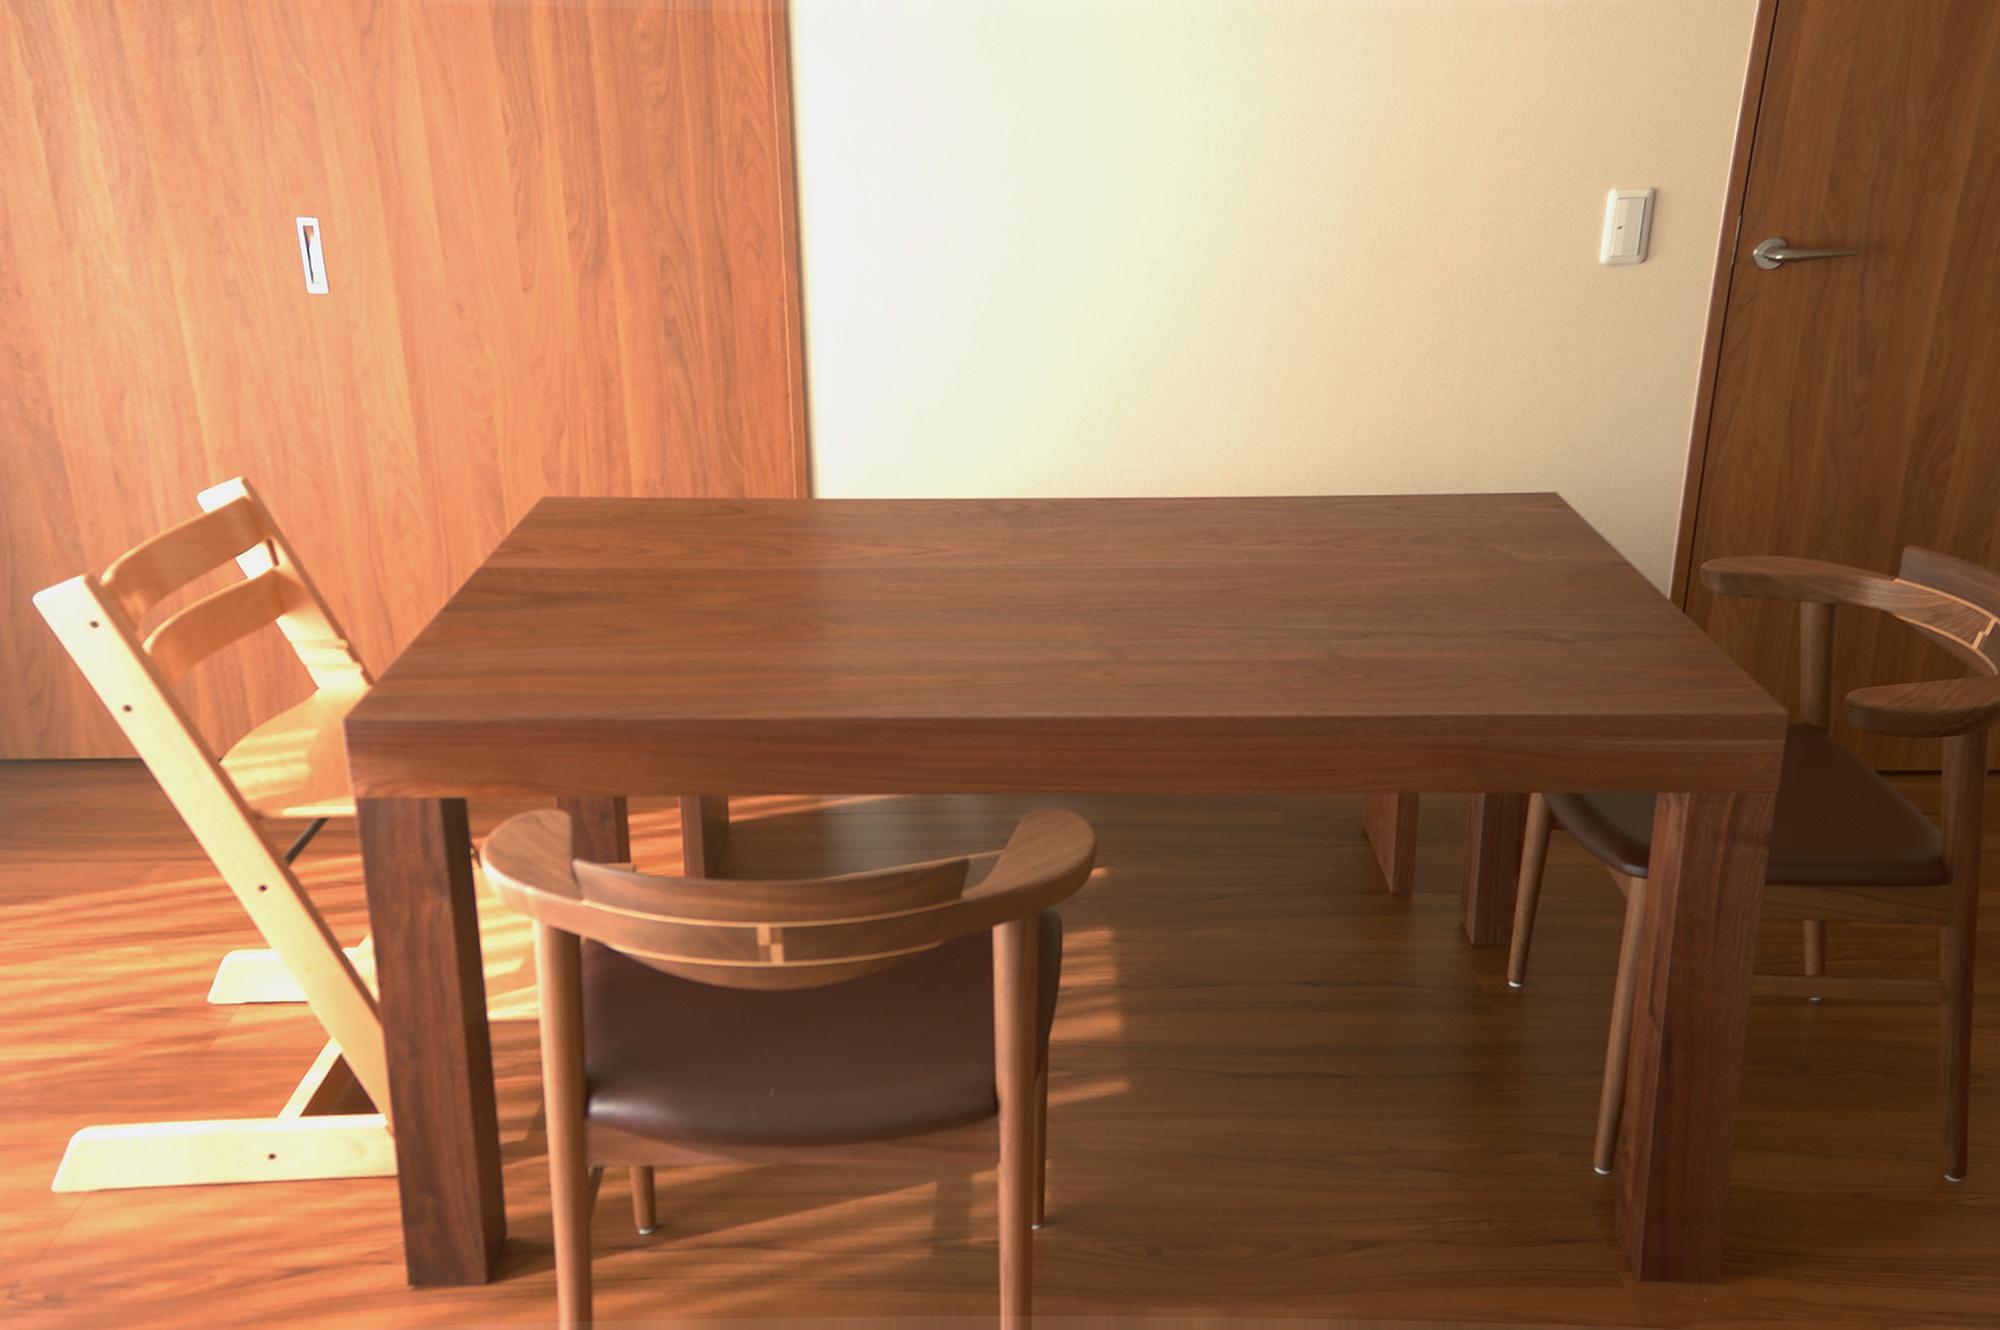 ご納品したウォールナット材のダイニングテーブルと同じくウォールナット材のベンチ